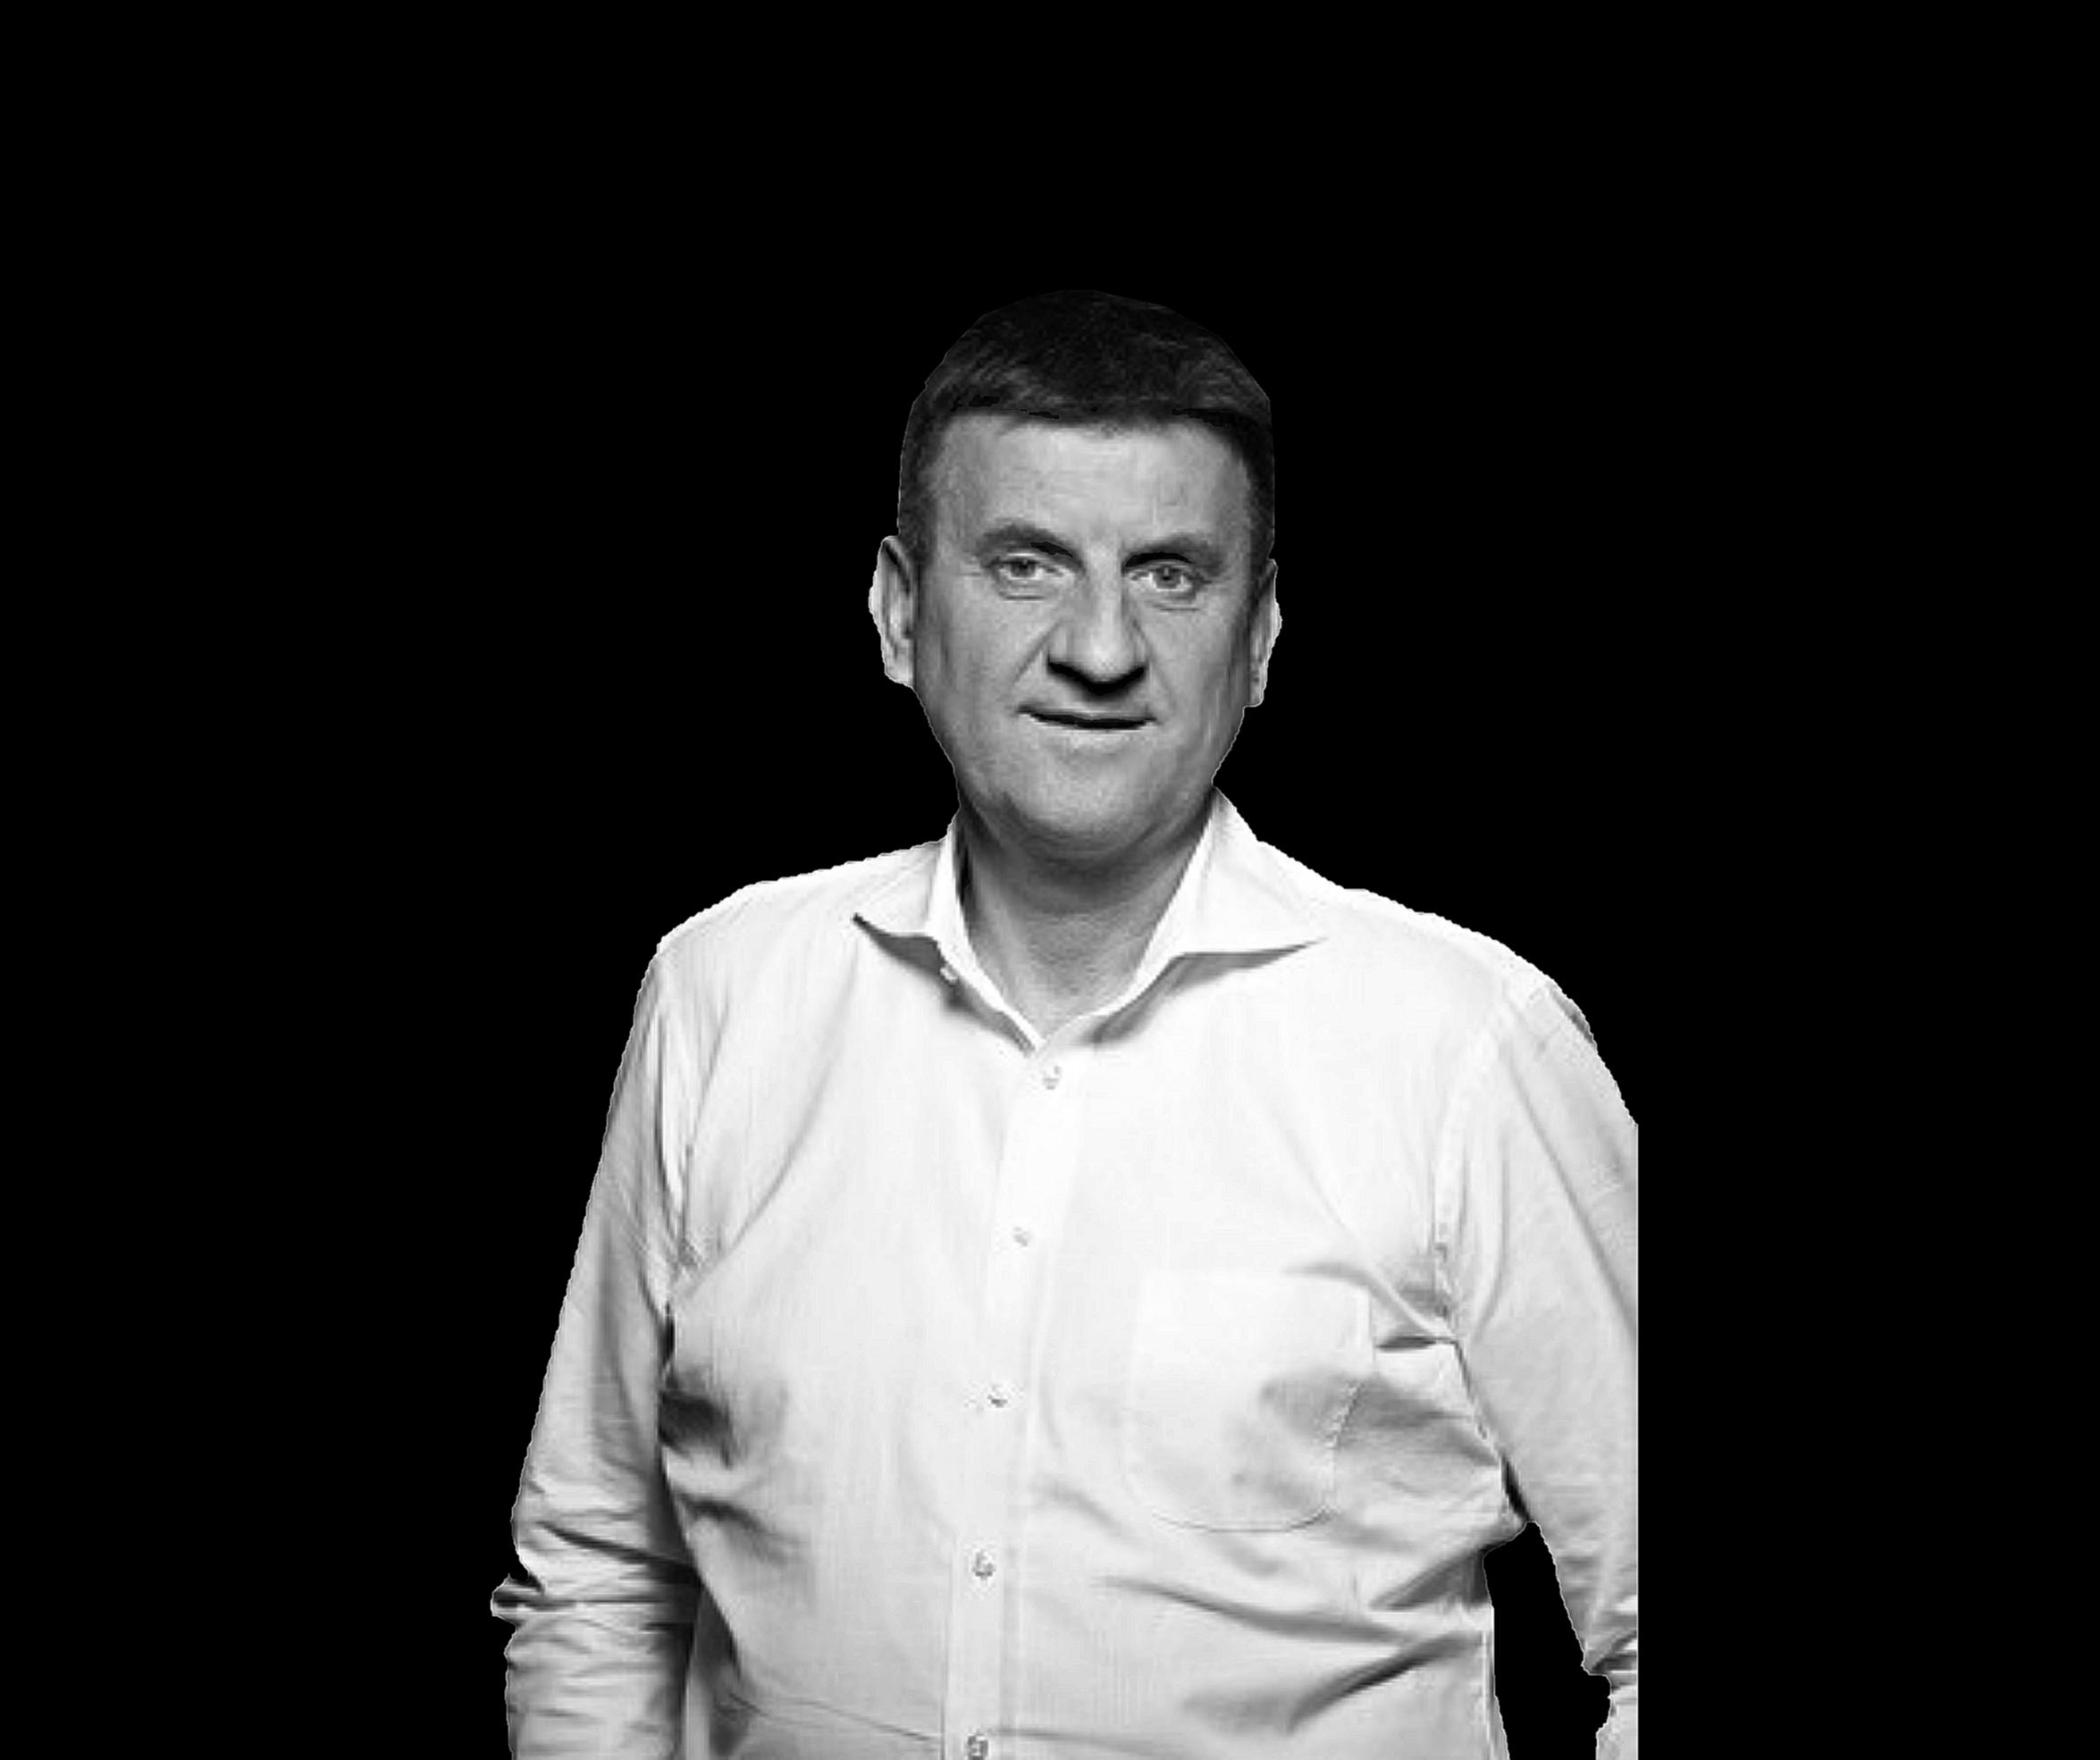 Marek Kamiński LeadersLIVE wywiad przekraczanie granic Active Strategy rozmowa